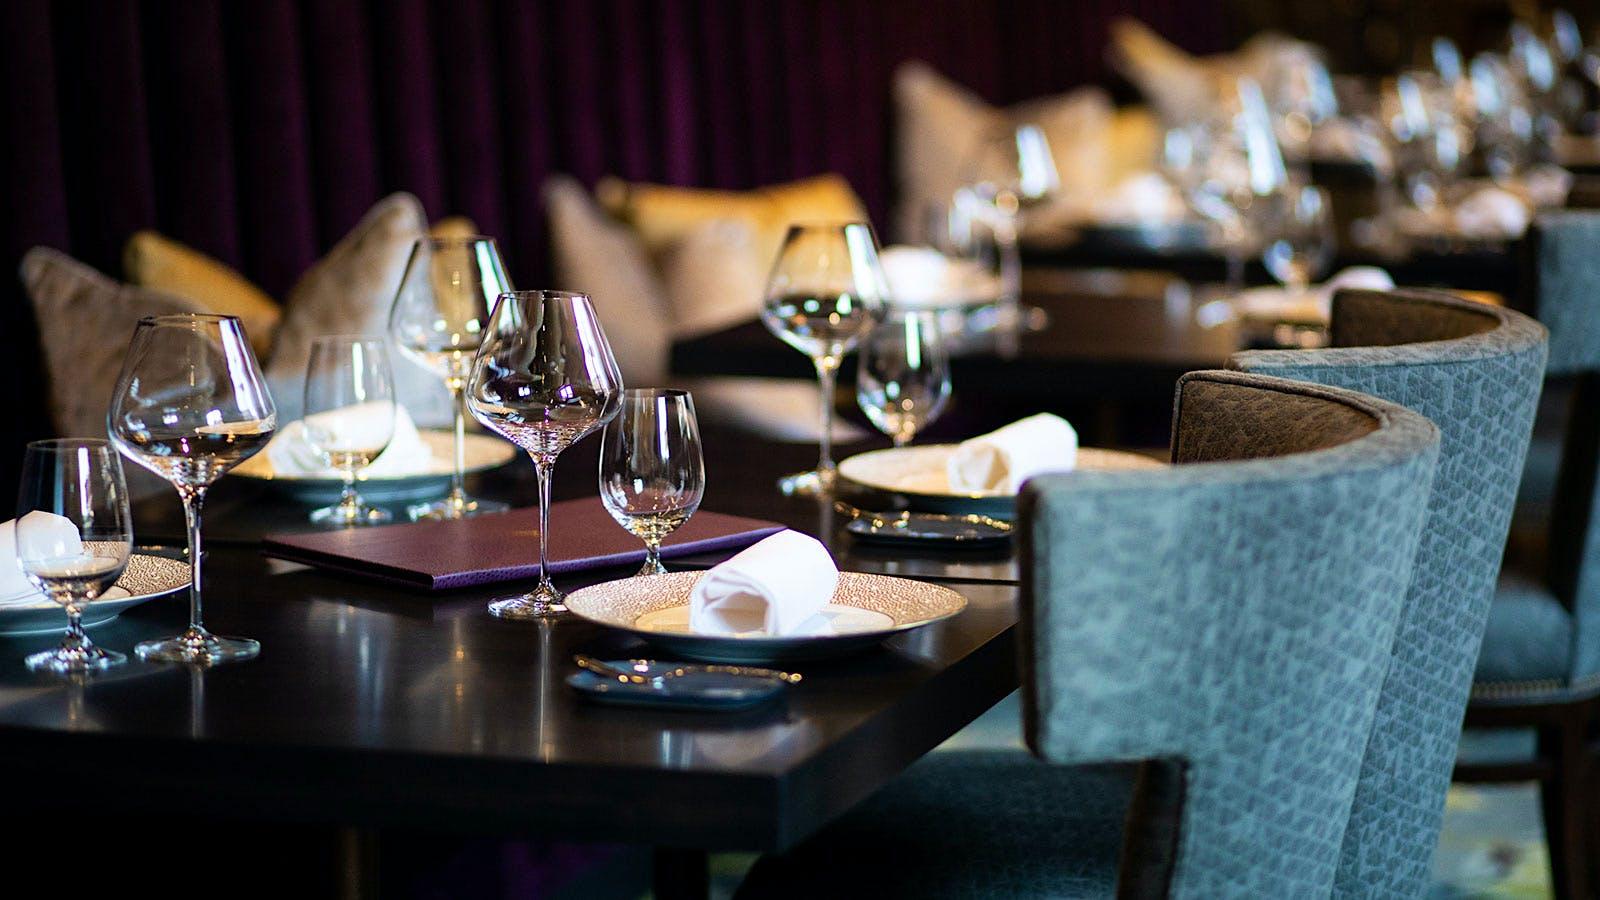 Restaurant Spotlight: Amorette